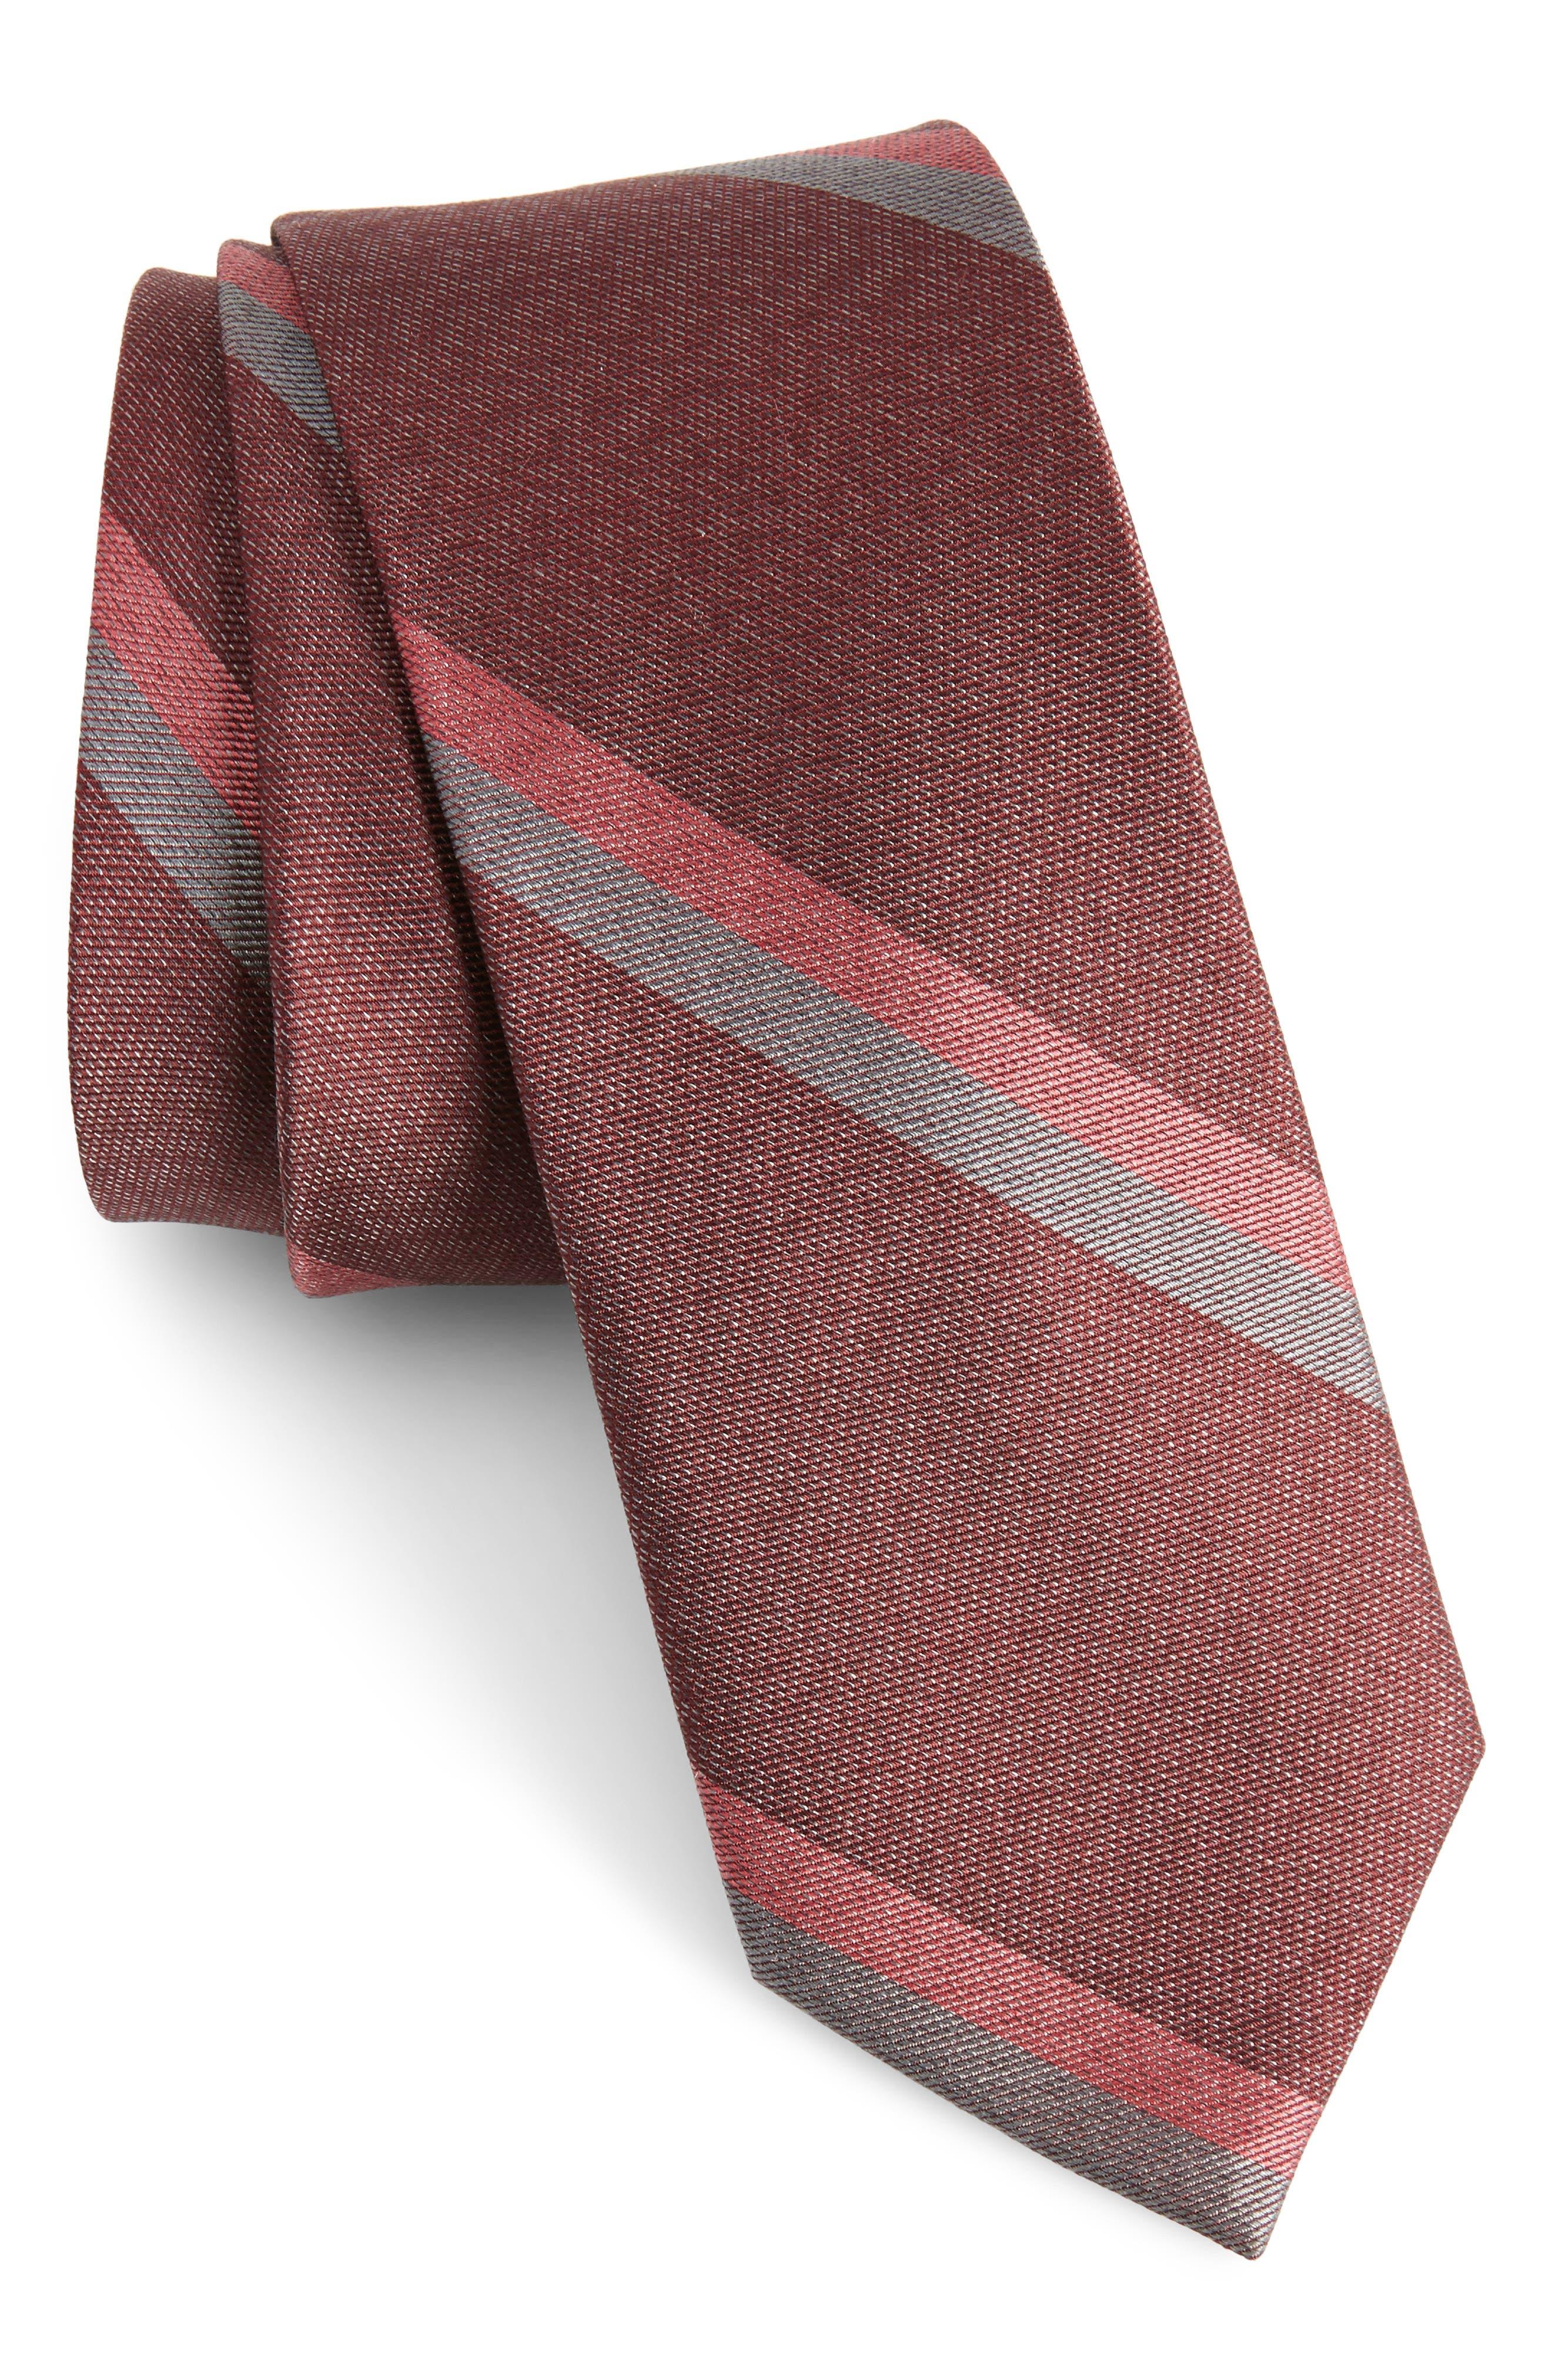 Main Image - The Tie Bar Stripe Silk Skinny Tie